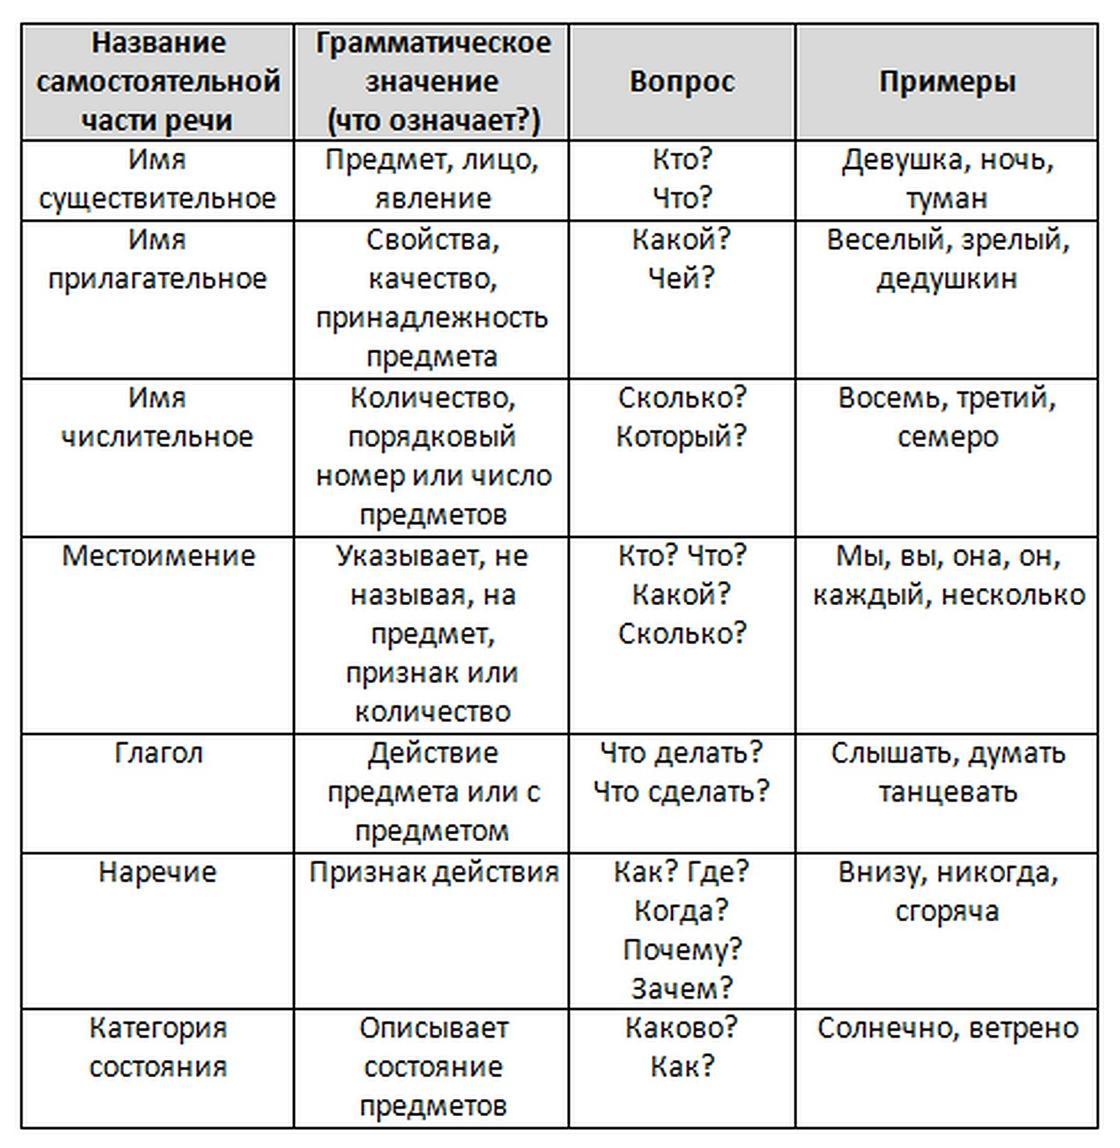 Самостоятельные части речи. Таблица